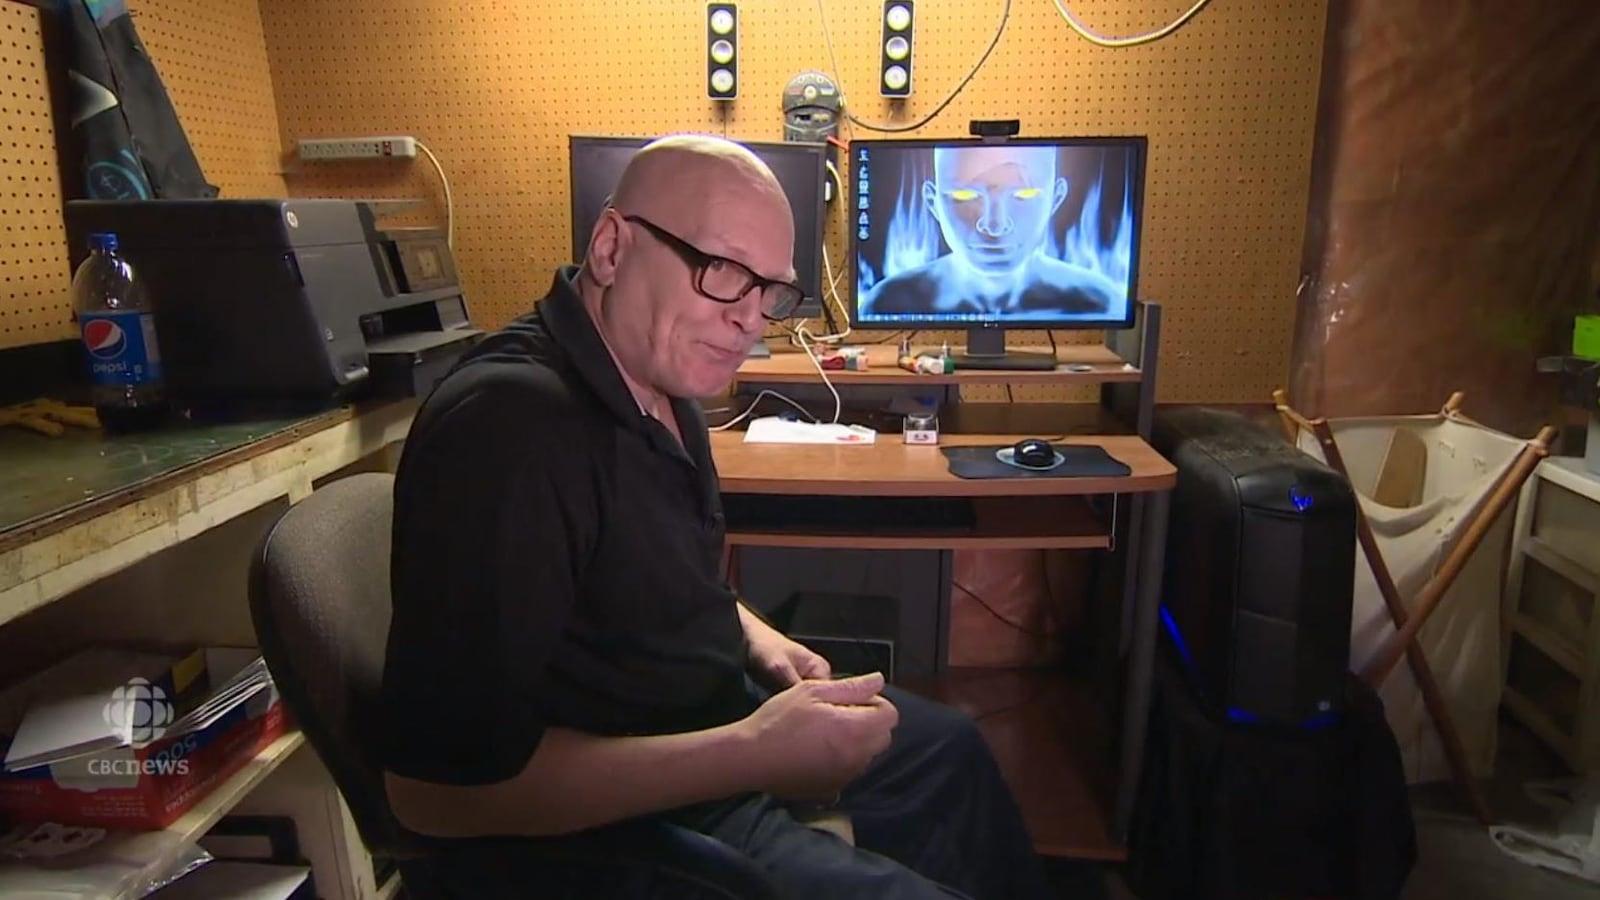 Un homme chauve est assis devant deux écrans d'ordinateur.